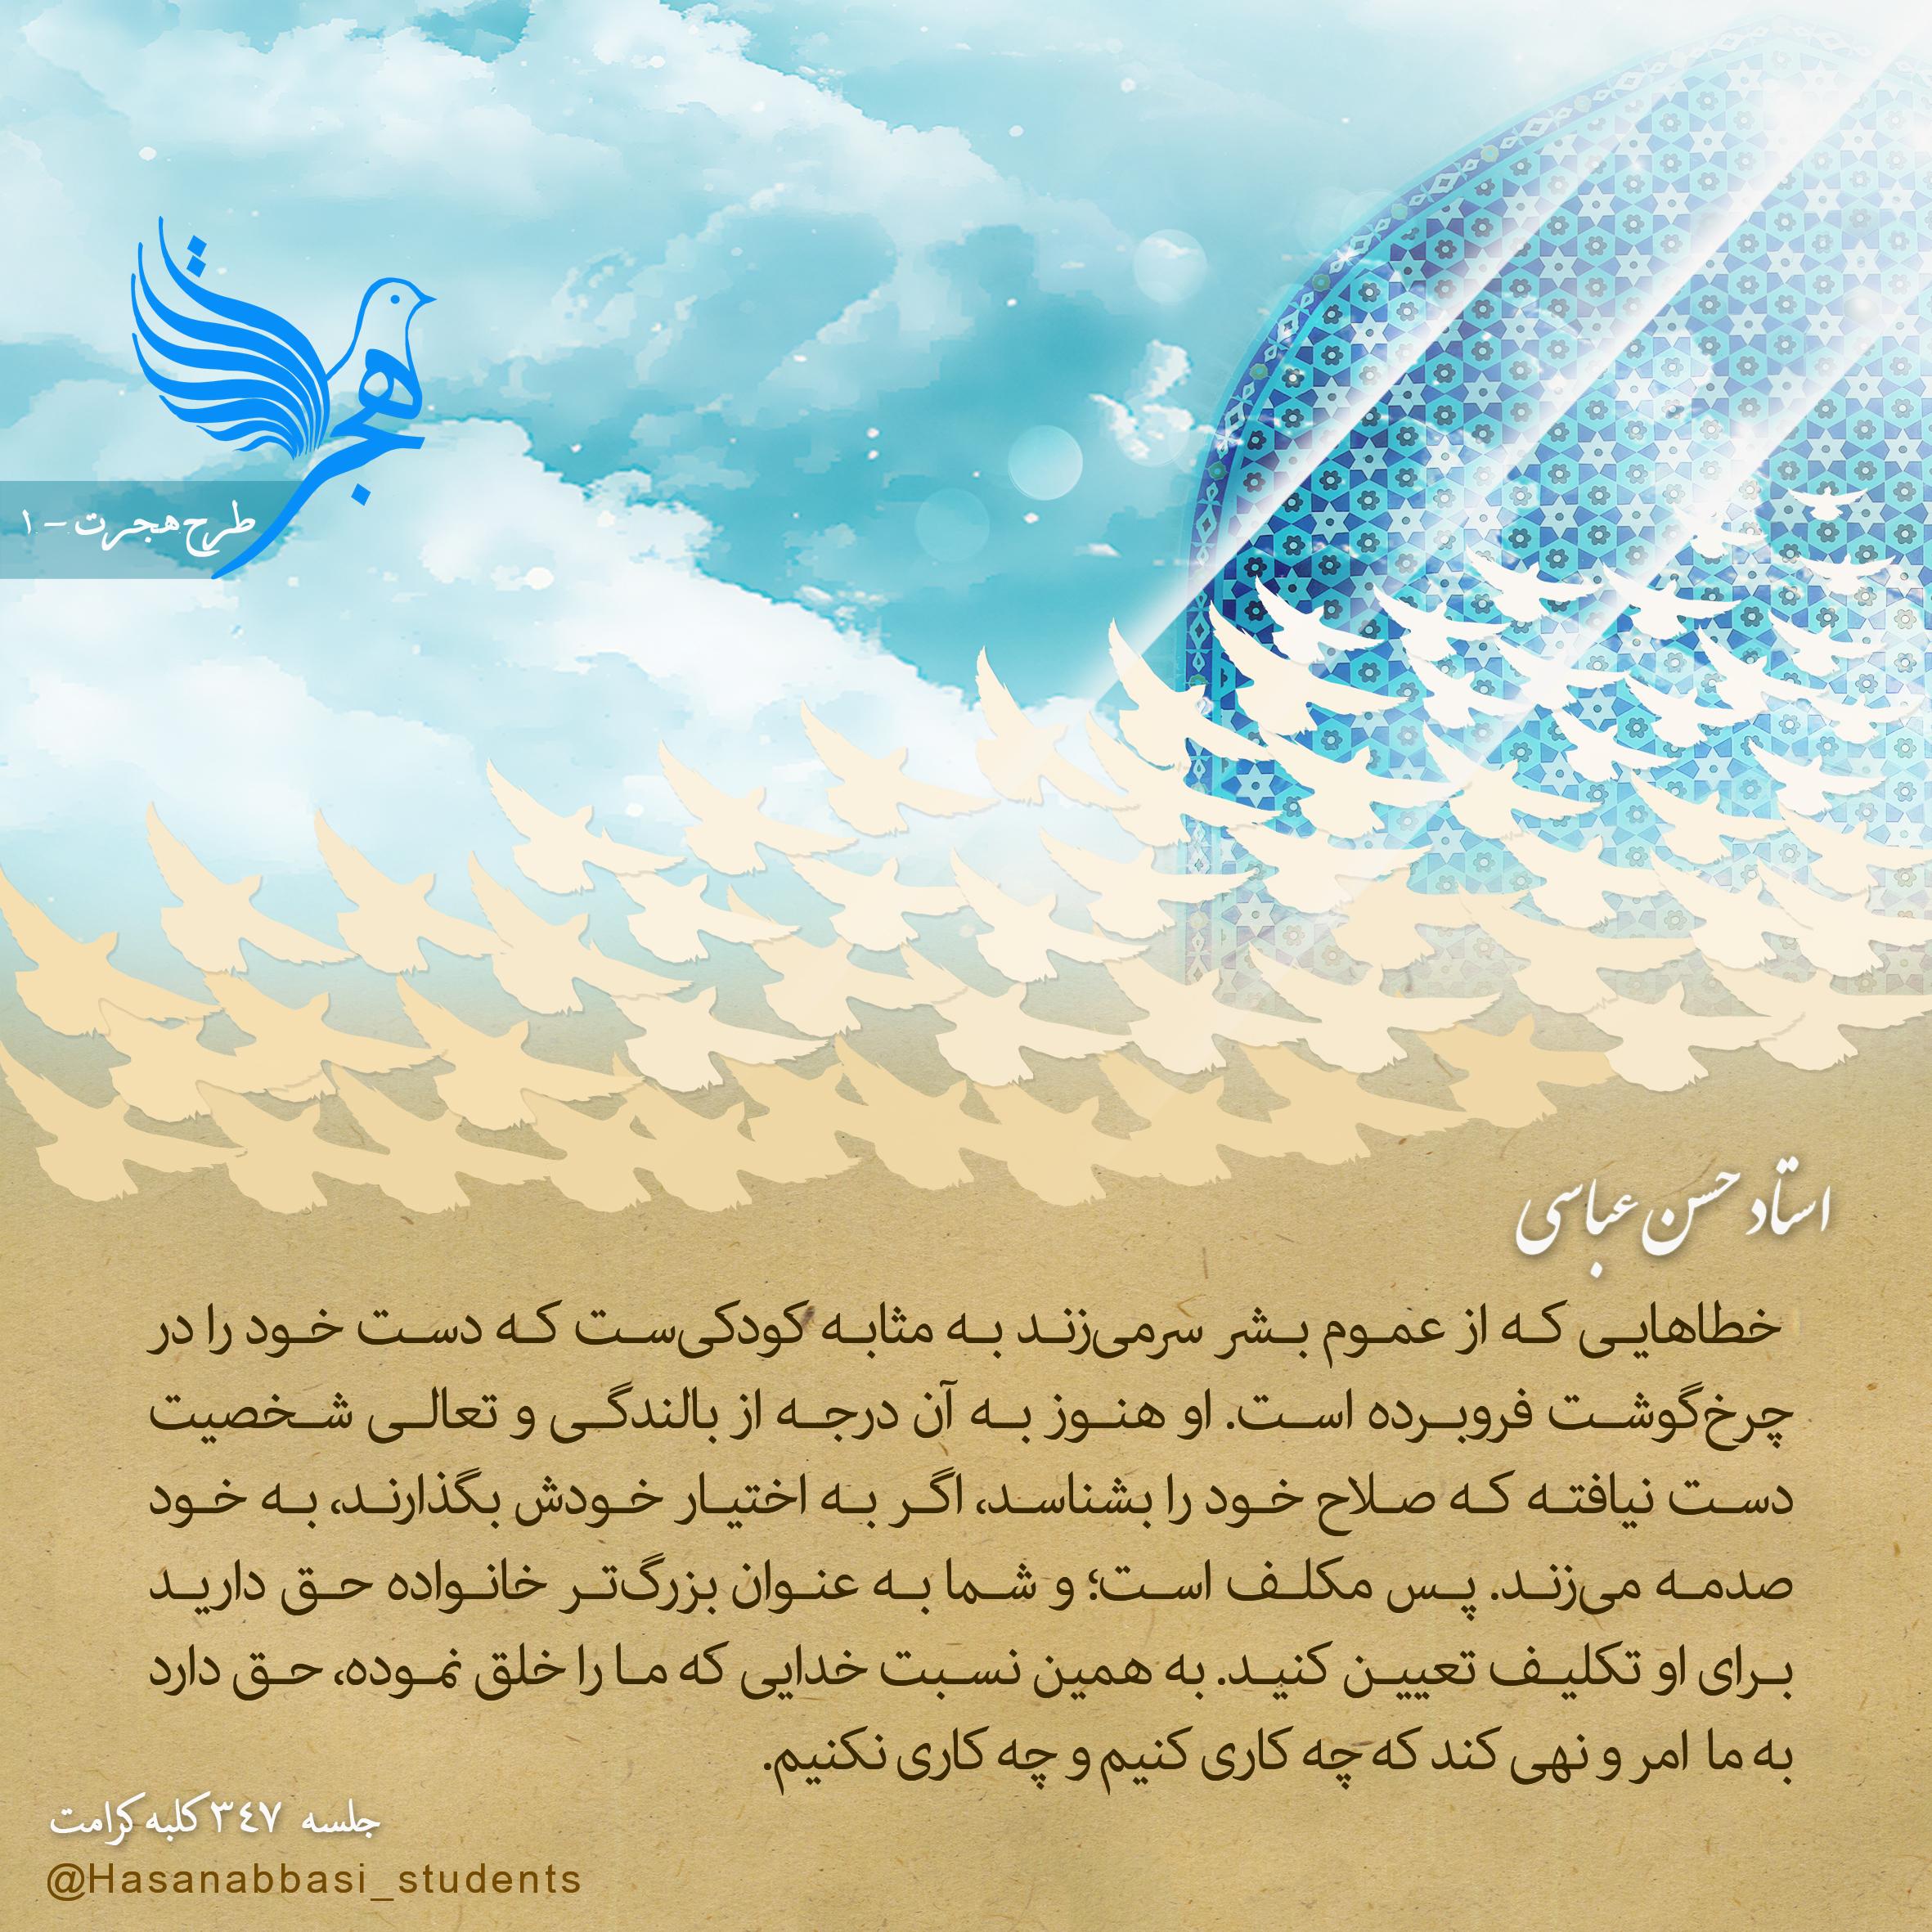 طرح هجرت ۱ - خدایی که ما را خلق نموده، حق دارد به ما امر و نهی کند که چه کاری کنیم و چه کاری نکنیم